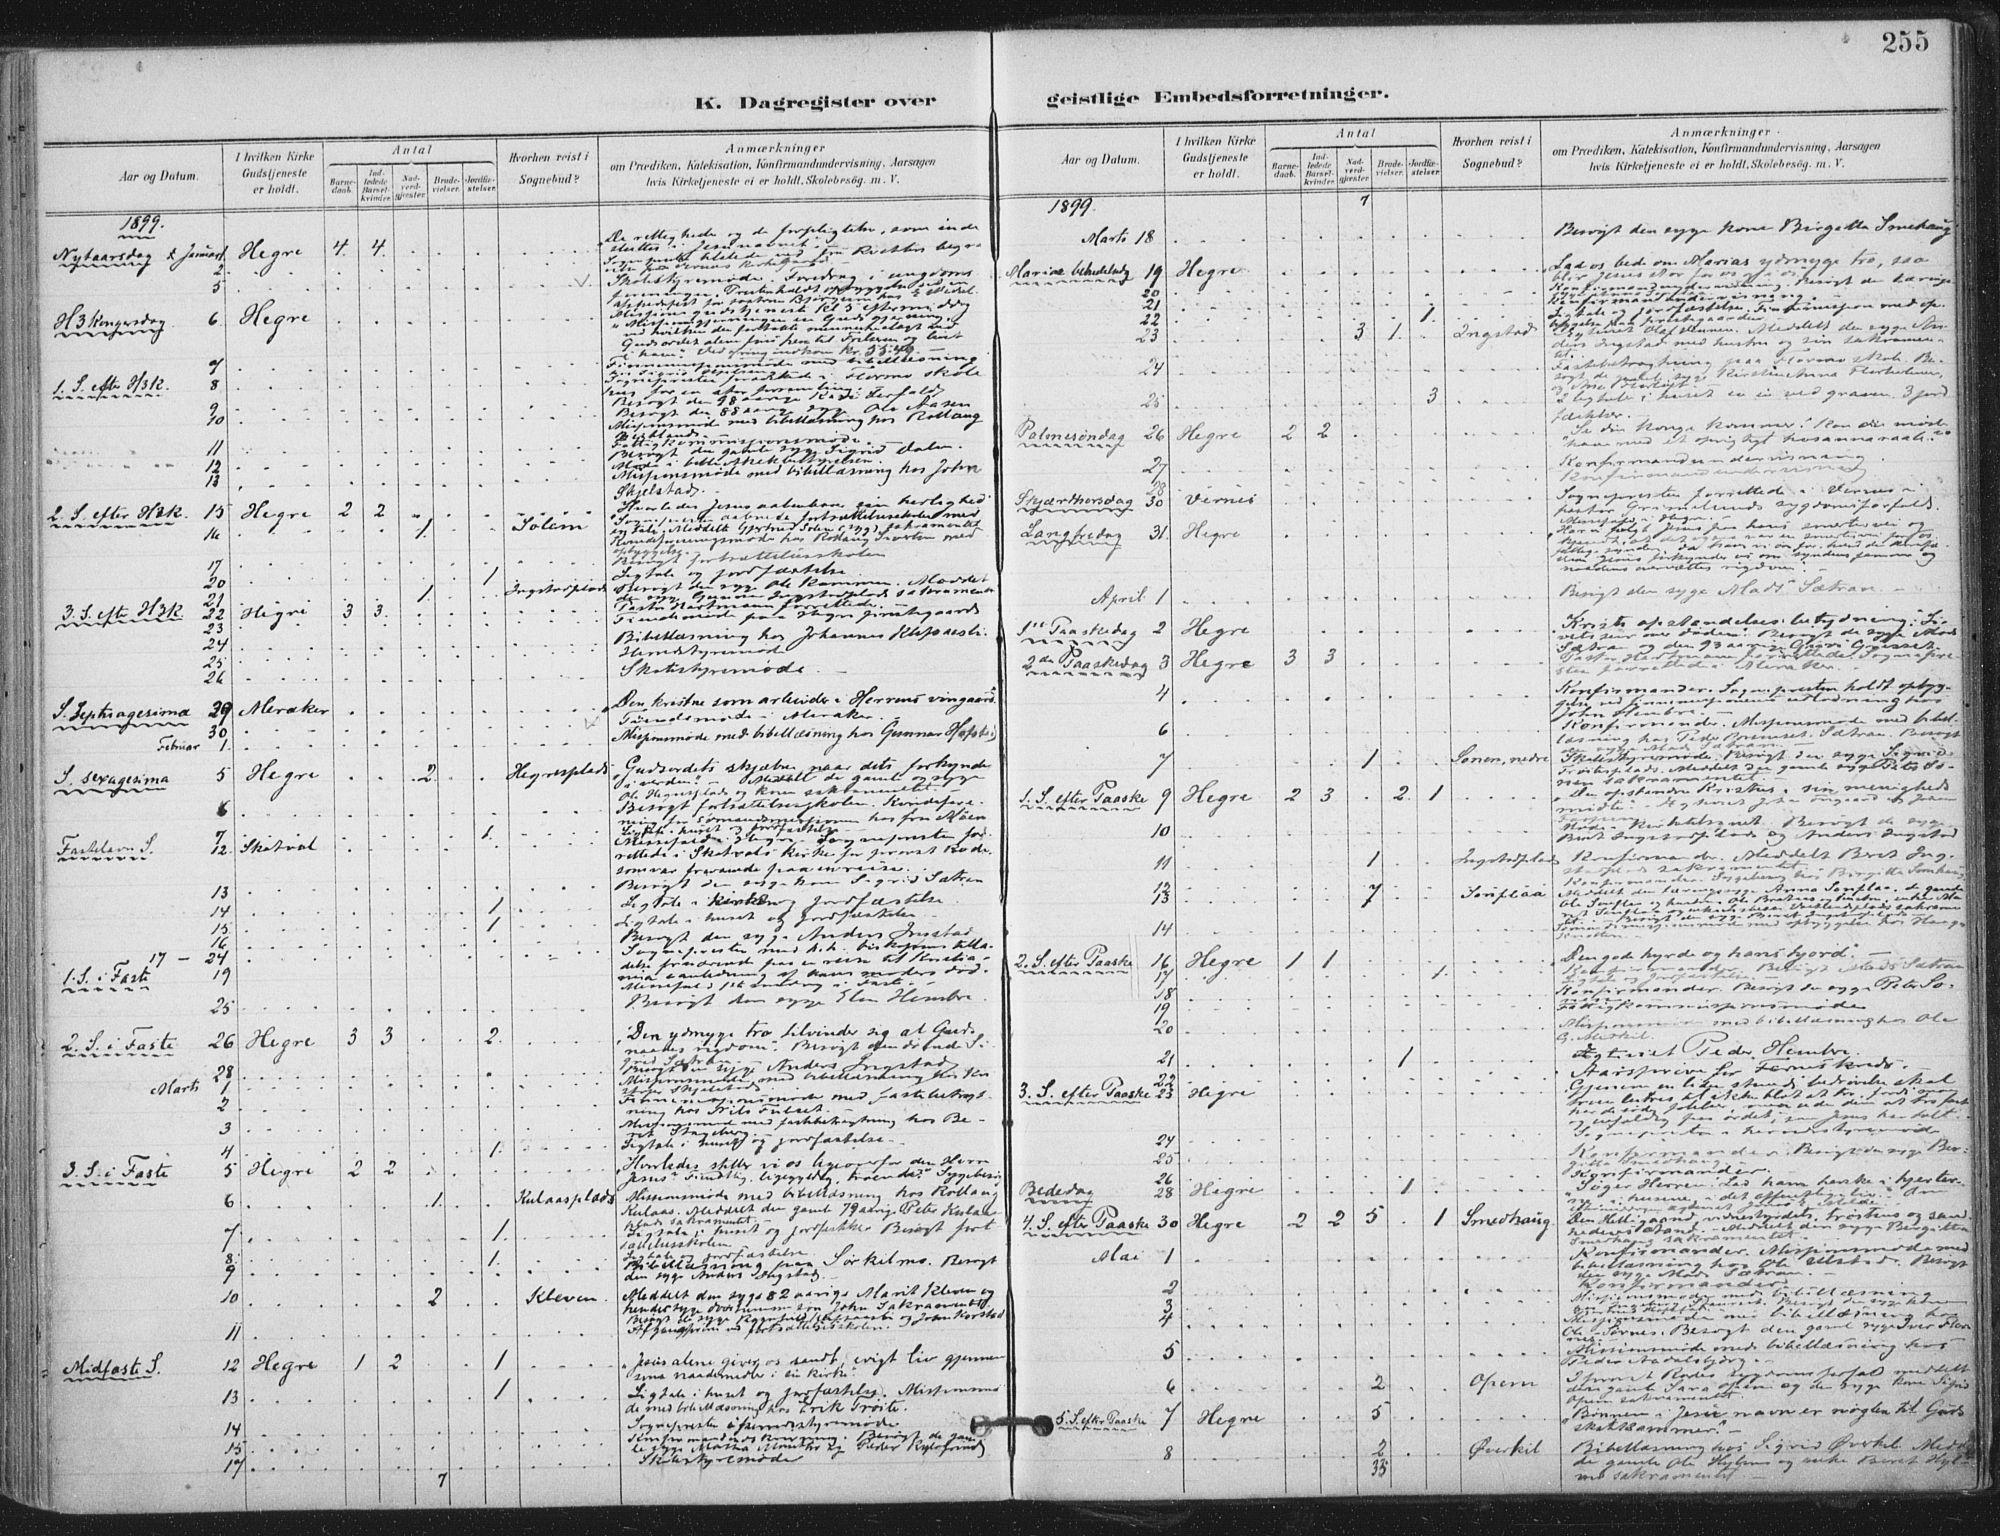 SAT, Ministerialprotokoller, klokkerbøker og fødselsregistre - Nord-Trøndelag, 703/L0031: Ministerialbok nr. 703A04, 1893-1914, s. 255